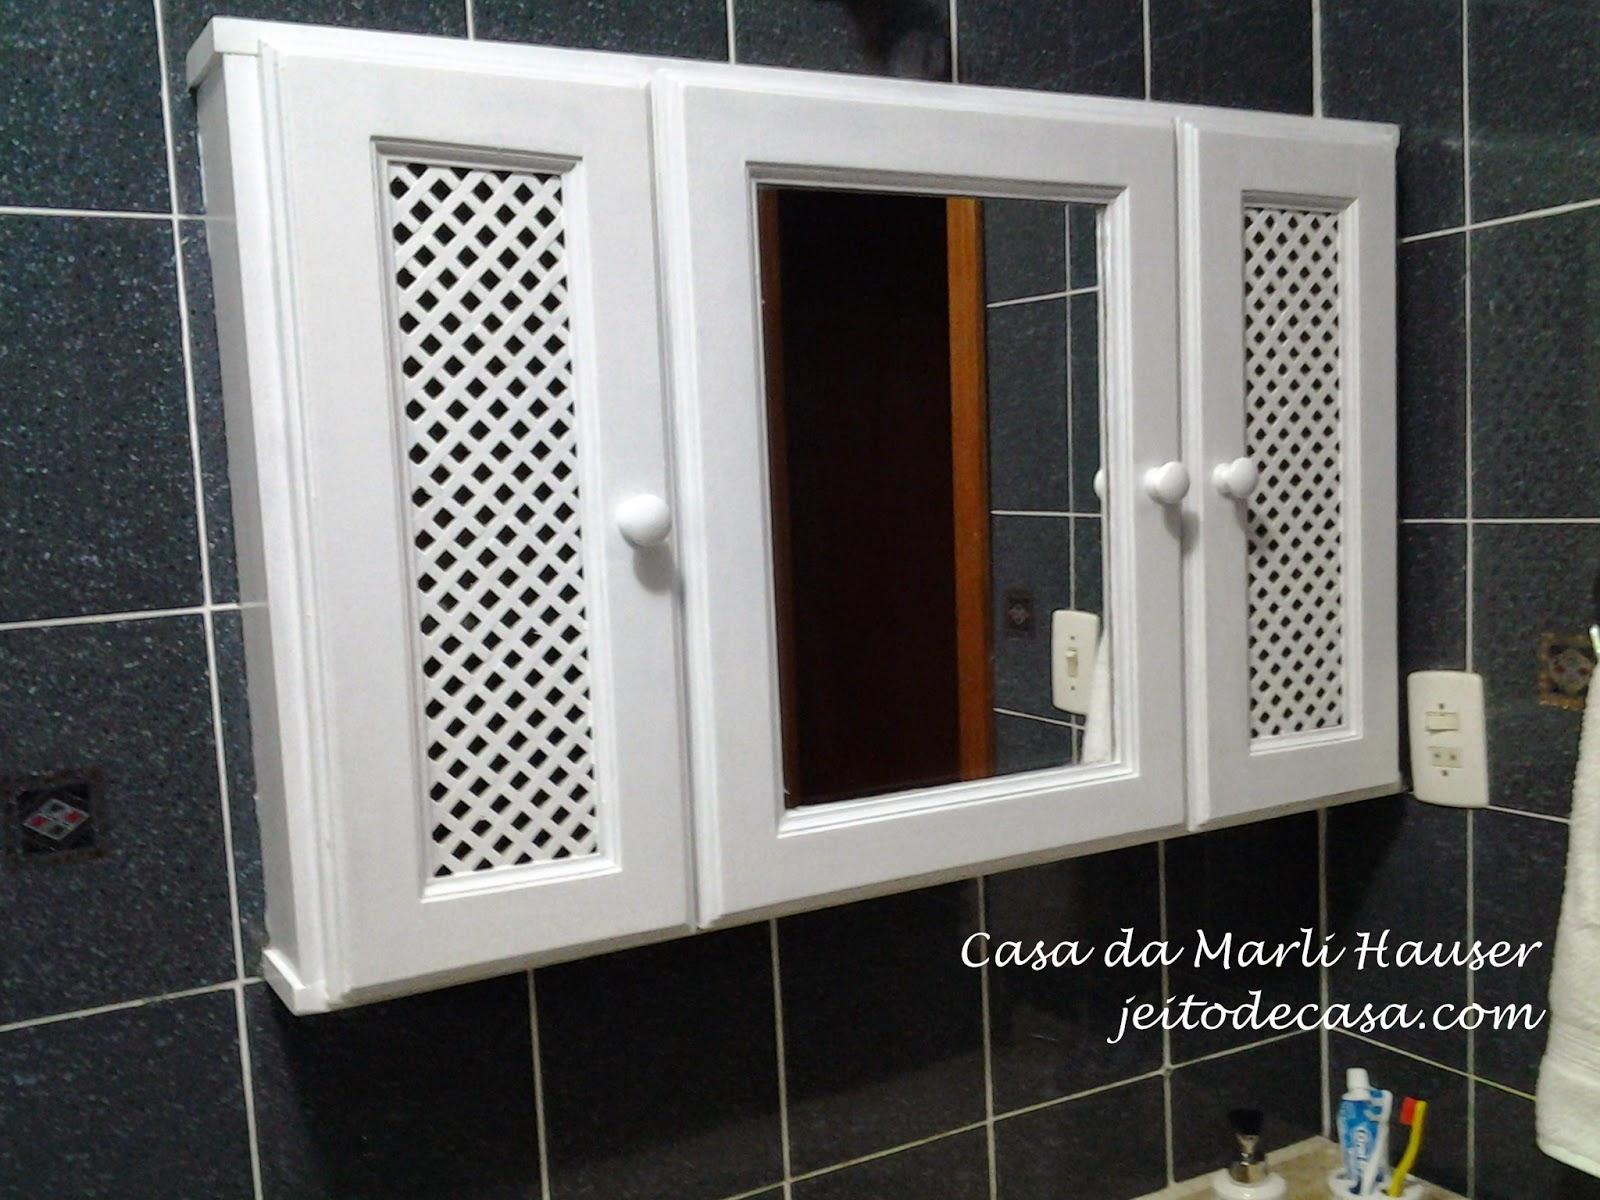 Pintura nos armários do banheiro antes e depois!! Jeito de Casa  #693A17 1600x1200 Armario Banheiro Antigo